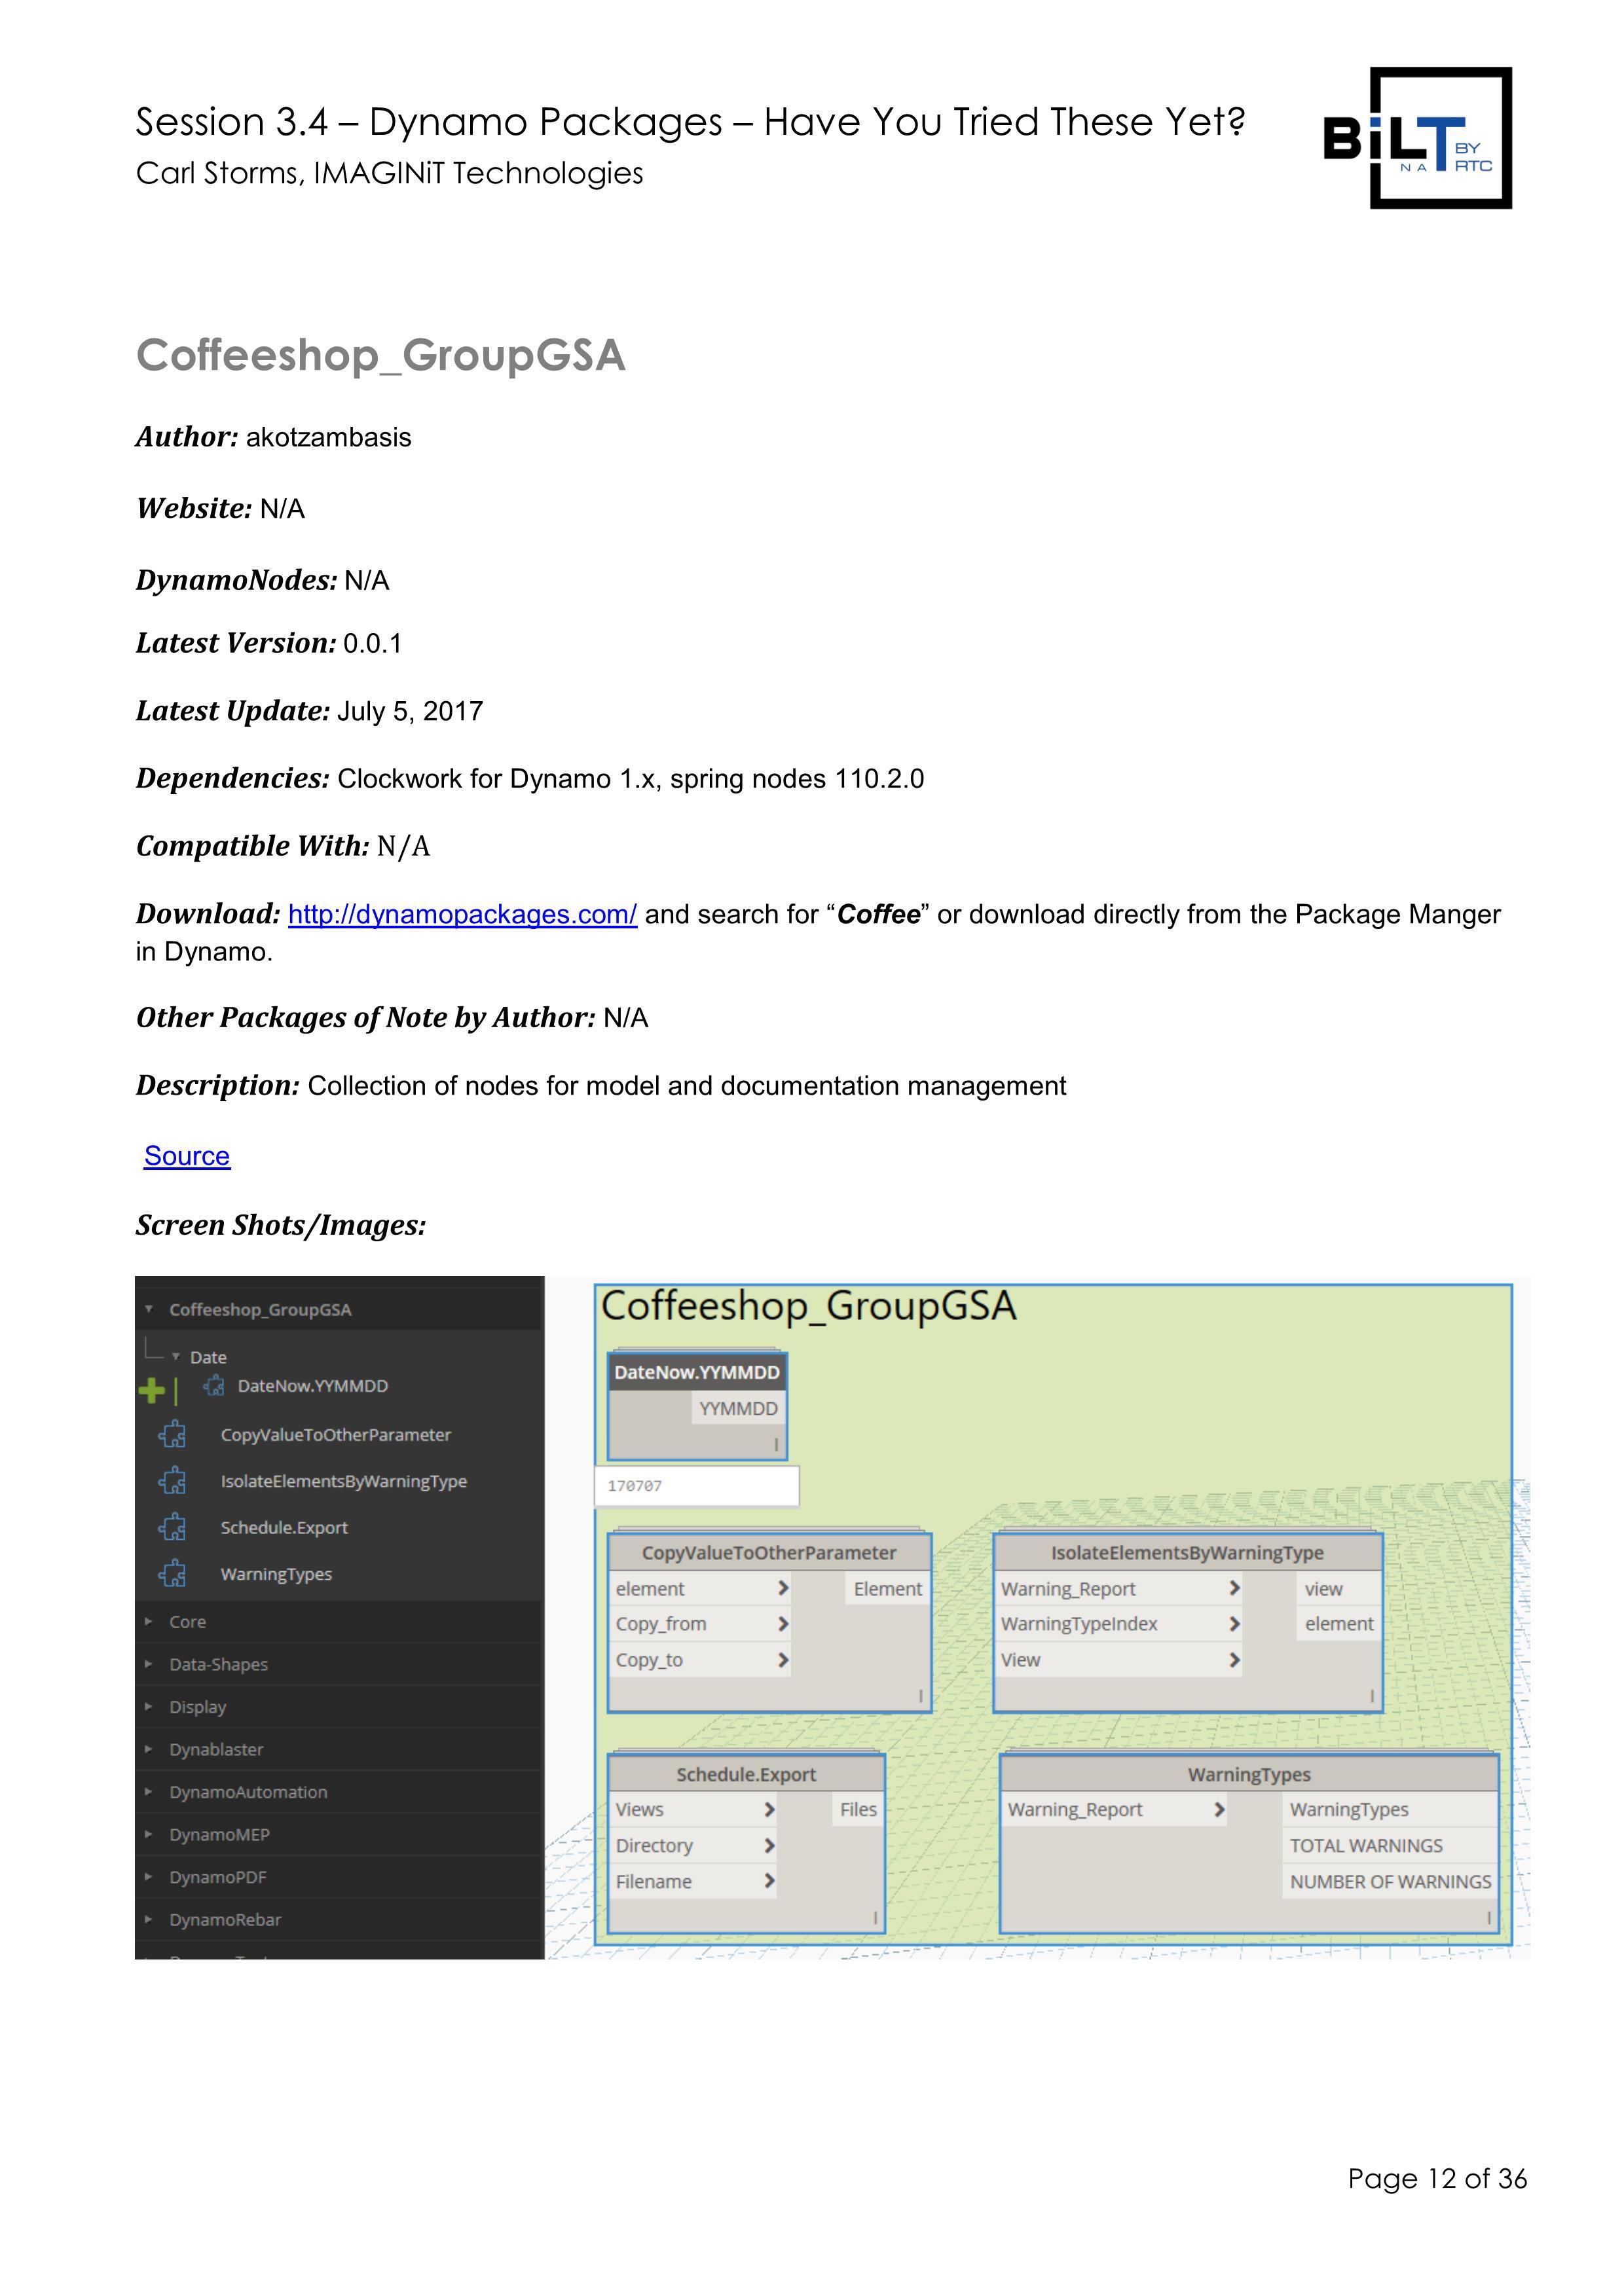 DynamoPackagesHaveYouTried Page 012.jpg